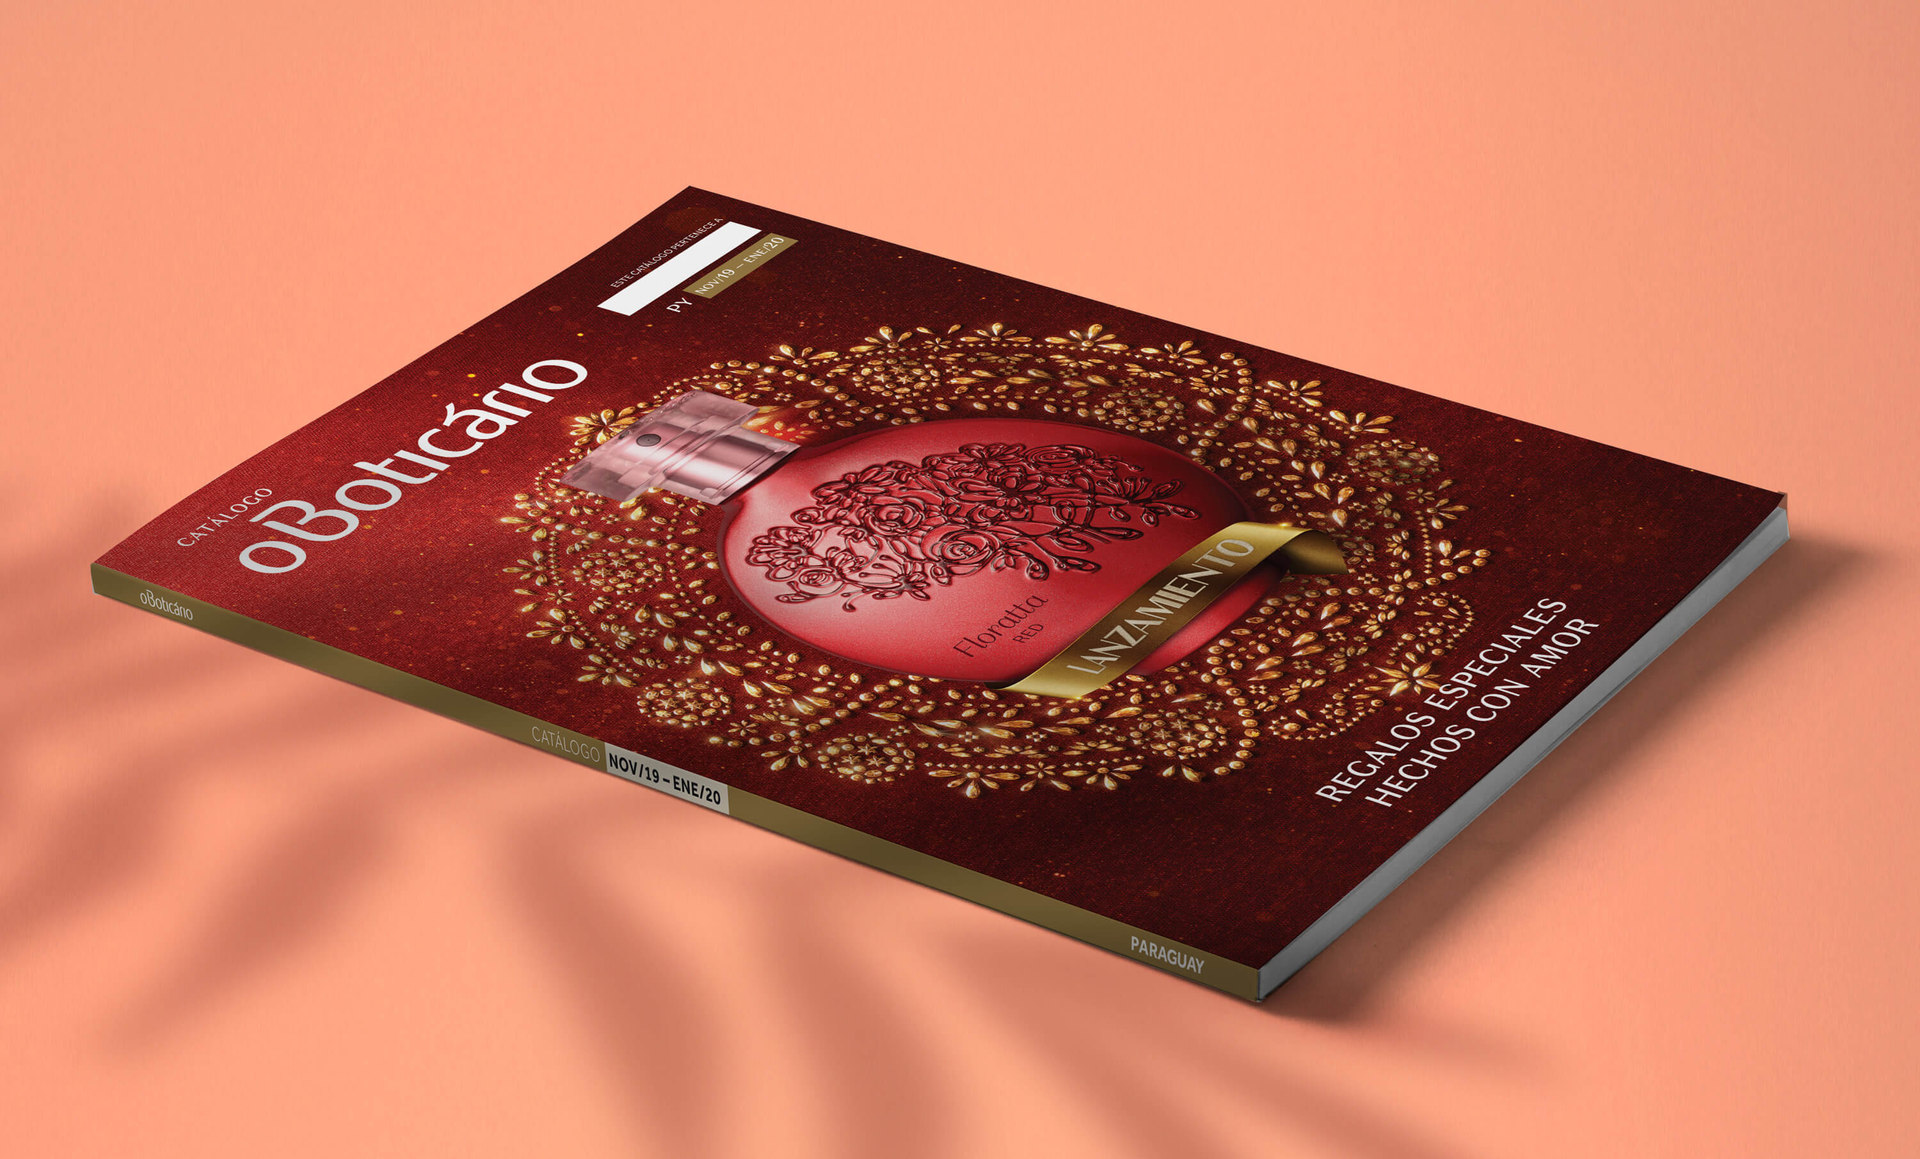 O Boticário PY Catálogo Tapa